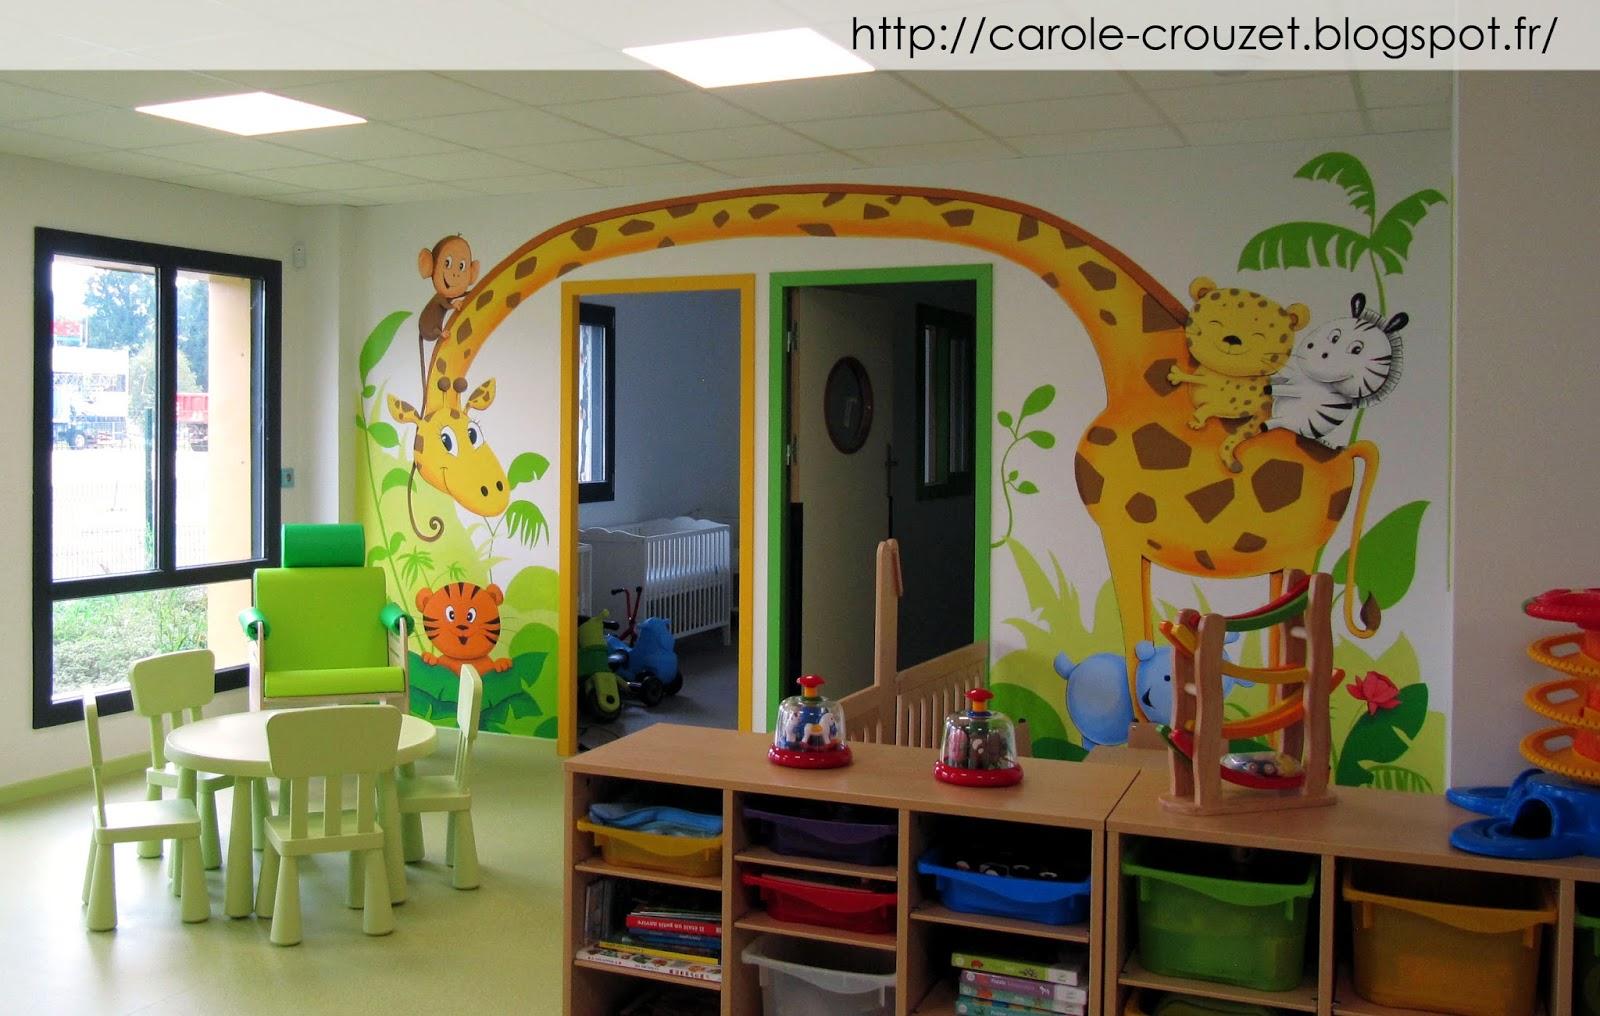 Decoration Automne Creche : Carole crouzet dessinatrice décors sur murs pour micro